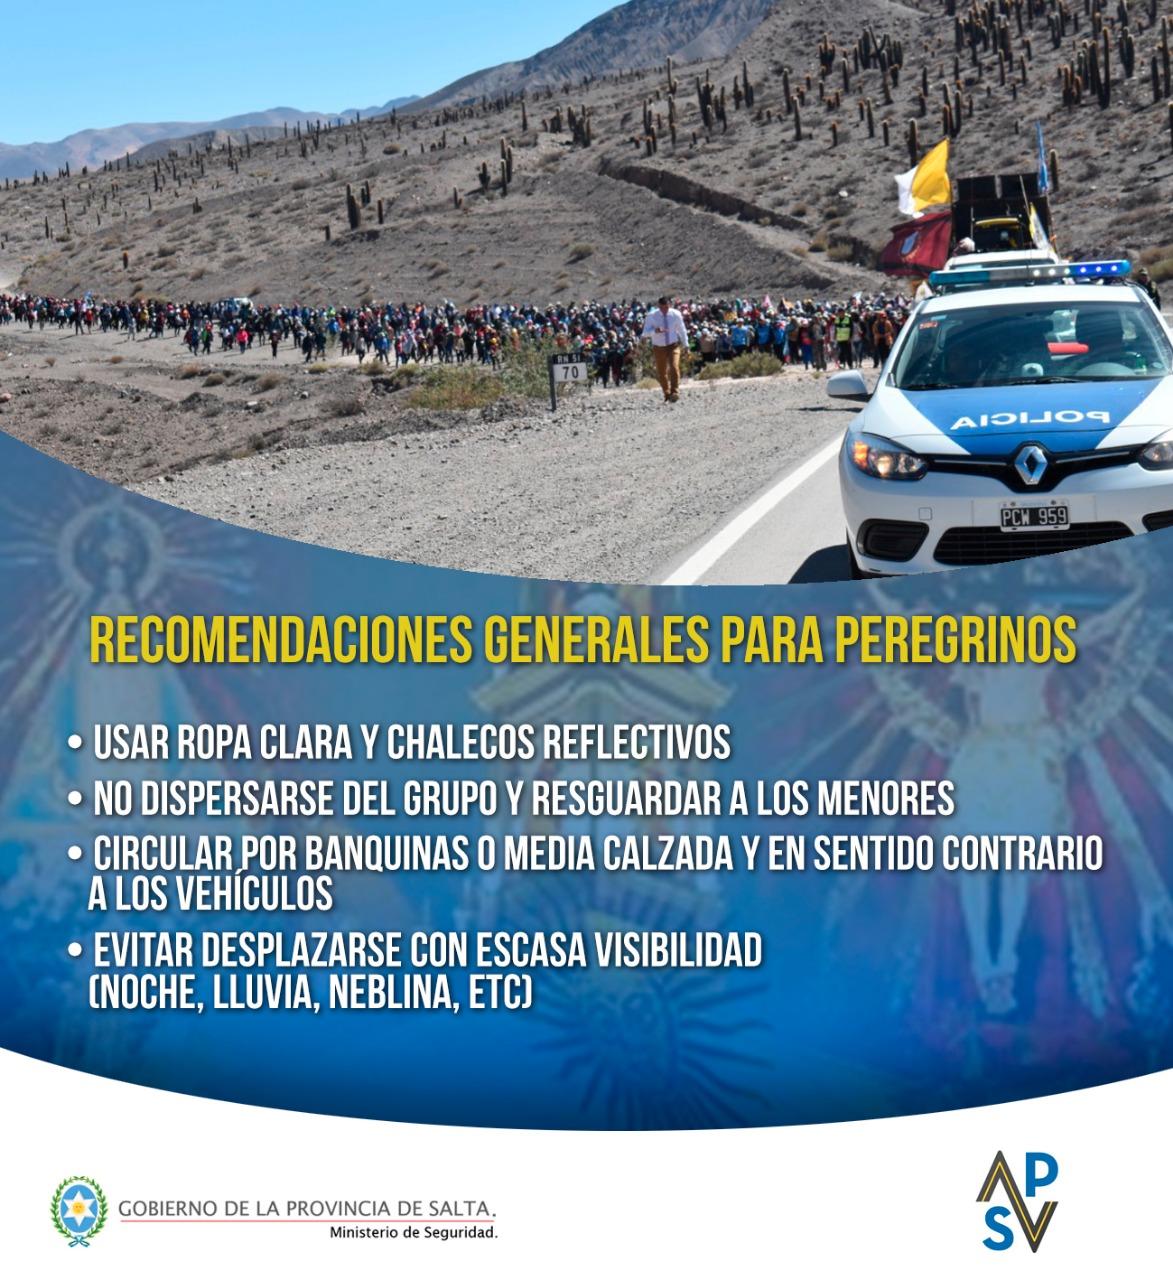 peregrinos recomendaciones agencia vial